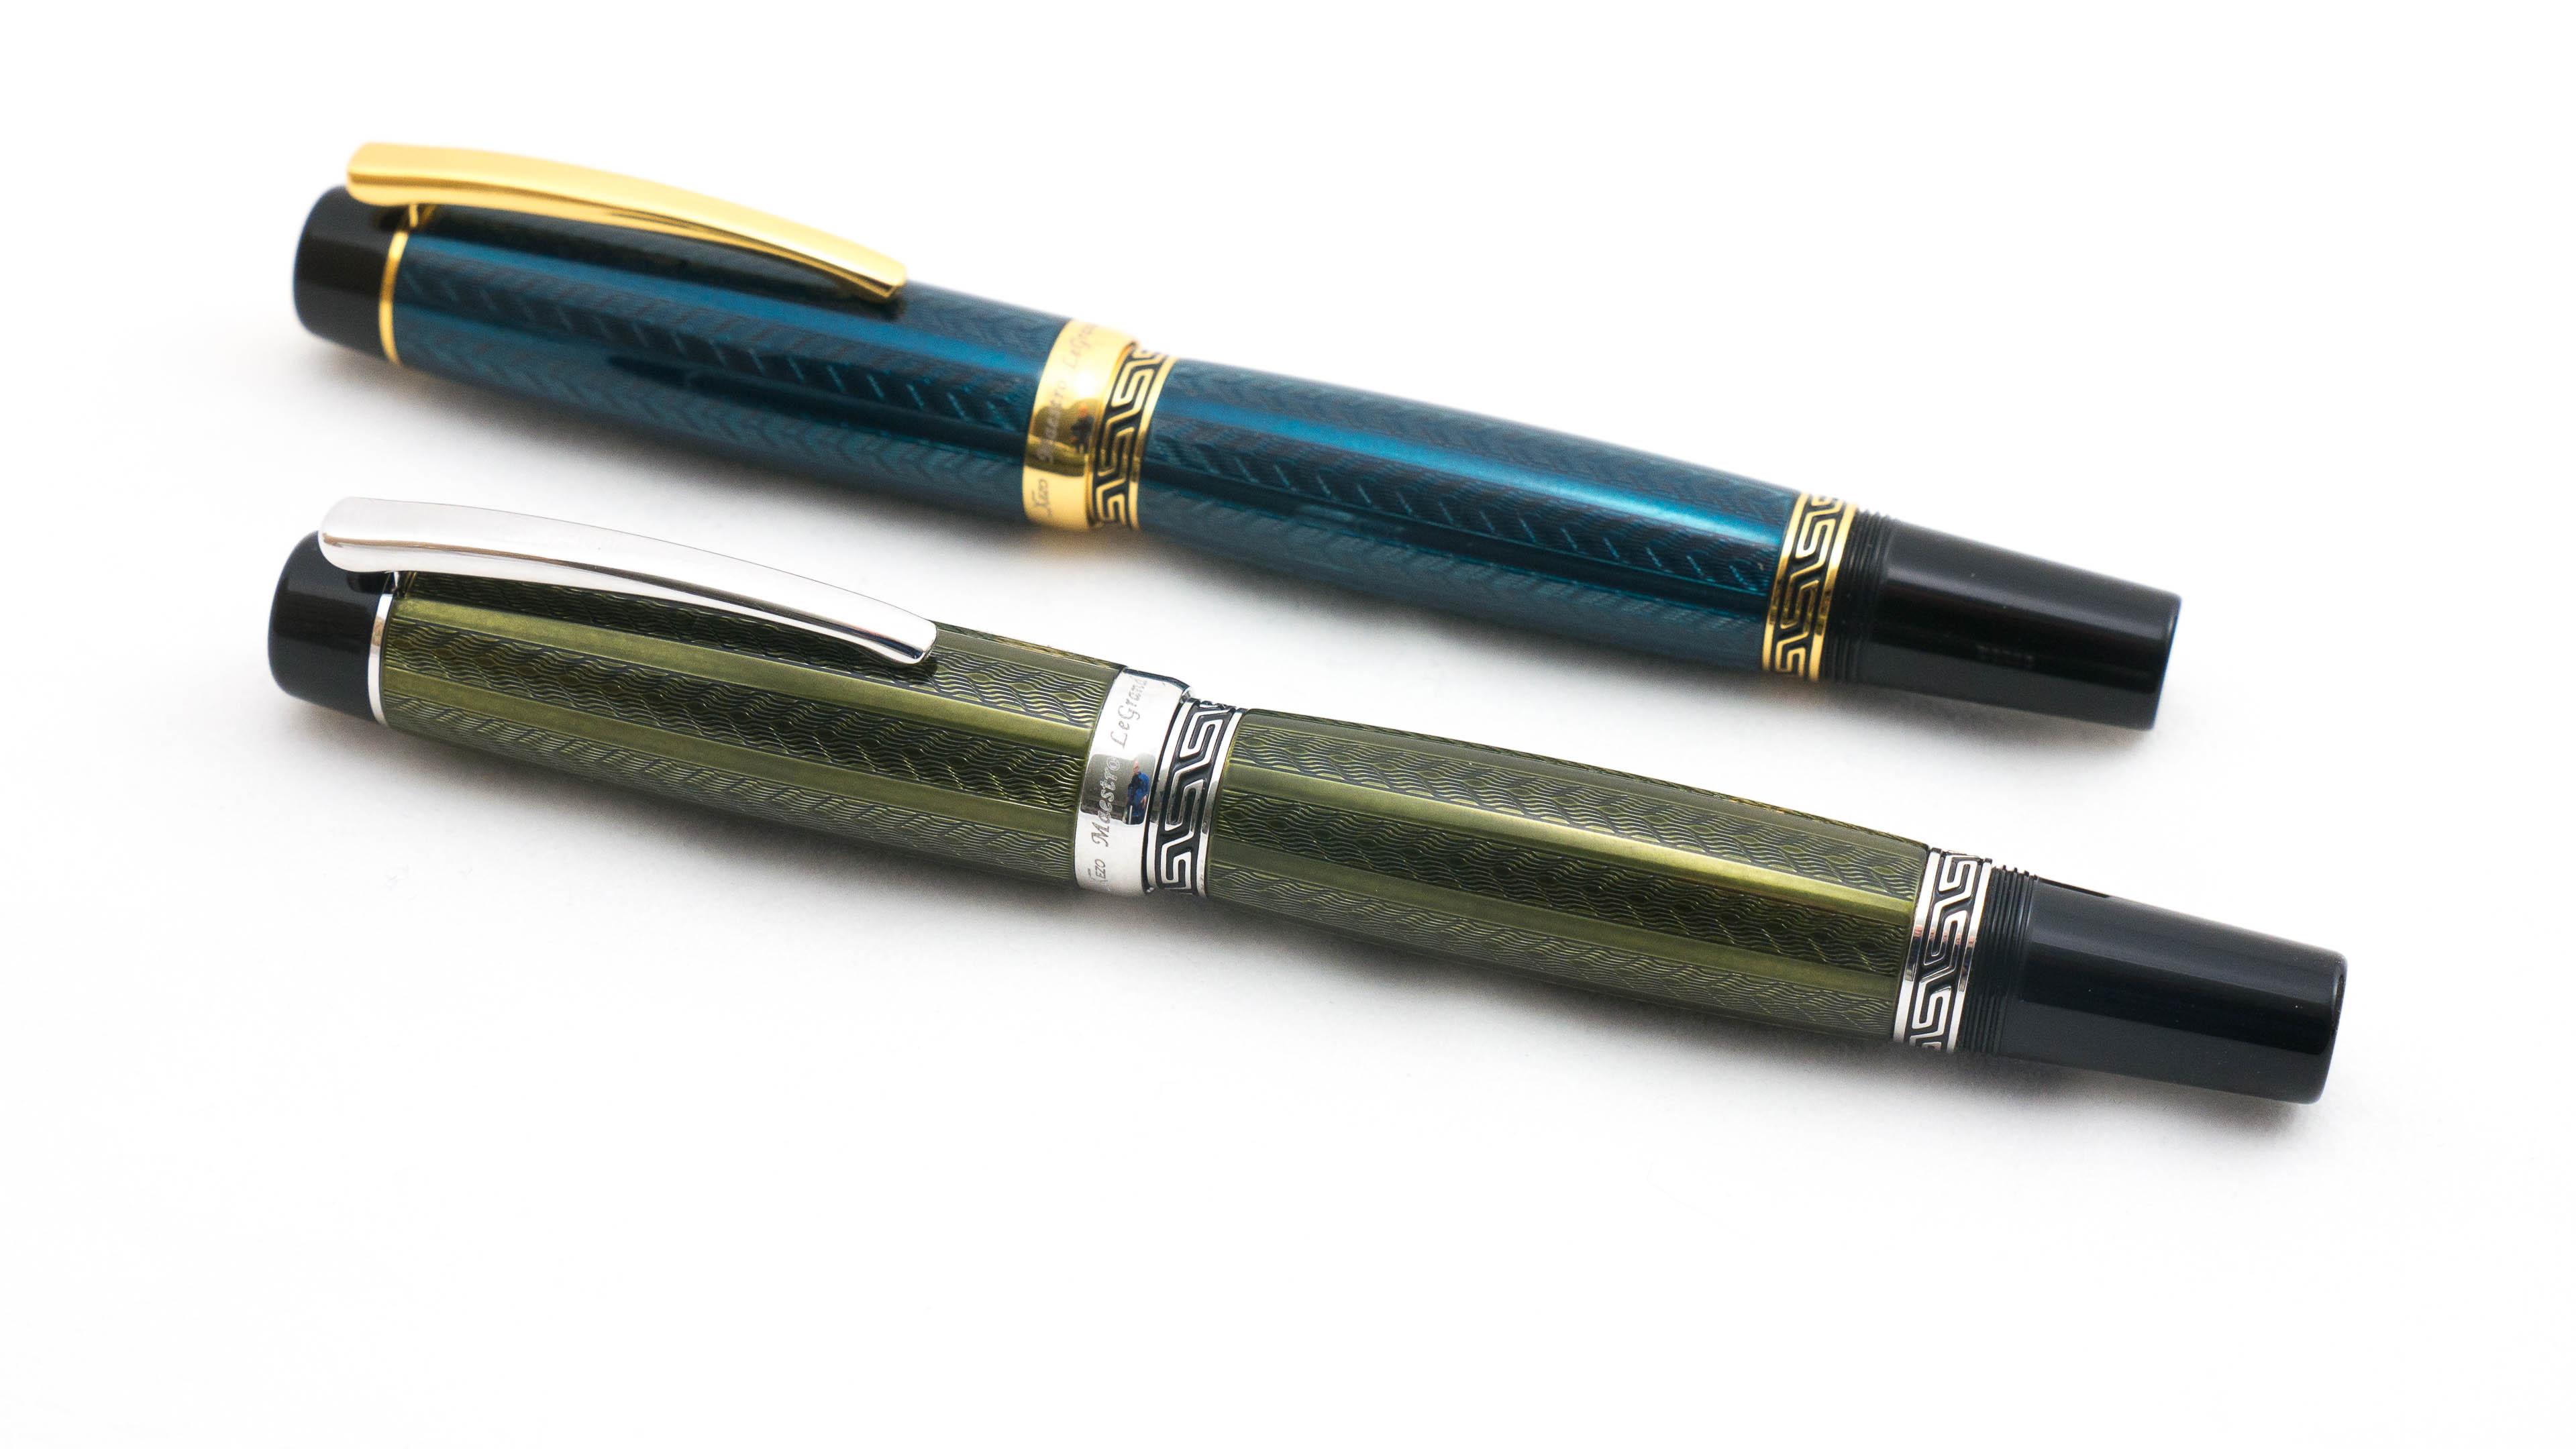 Lacquered Xezo Maestro LeGrand Diamond Cut Platinum Plated Fine Point Fountain Pen in Tanzanite Color